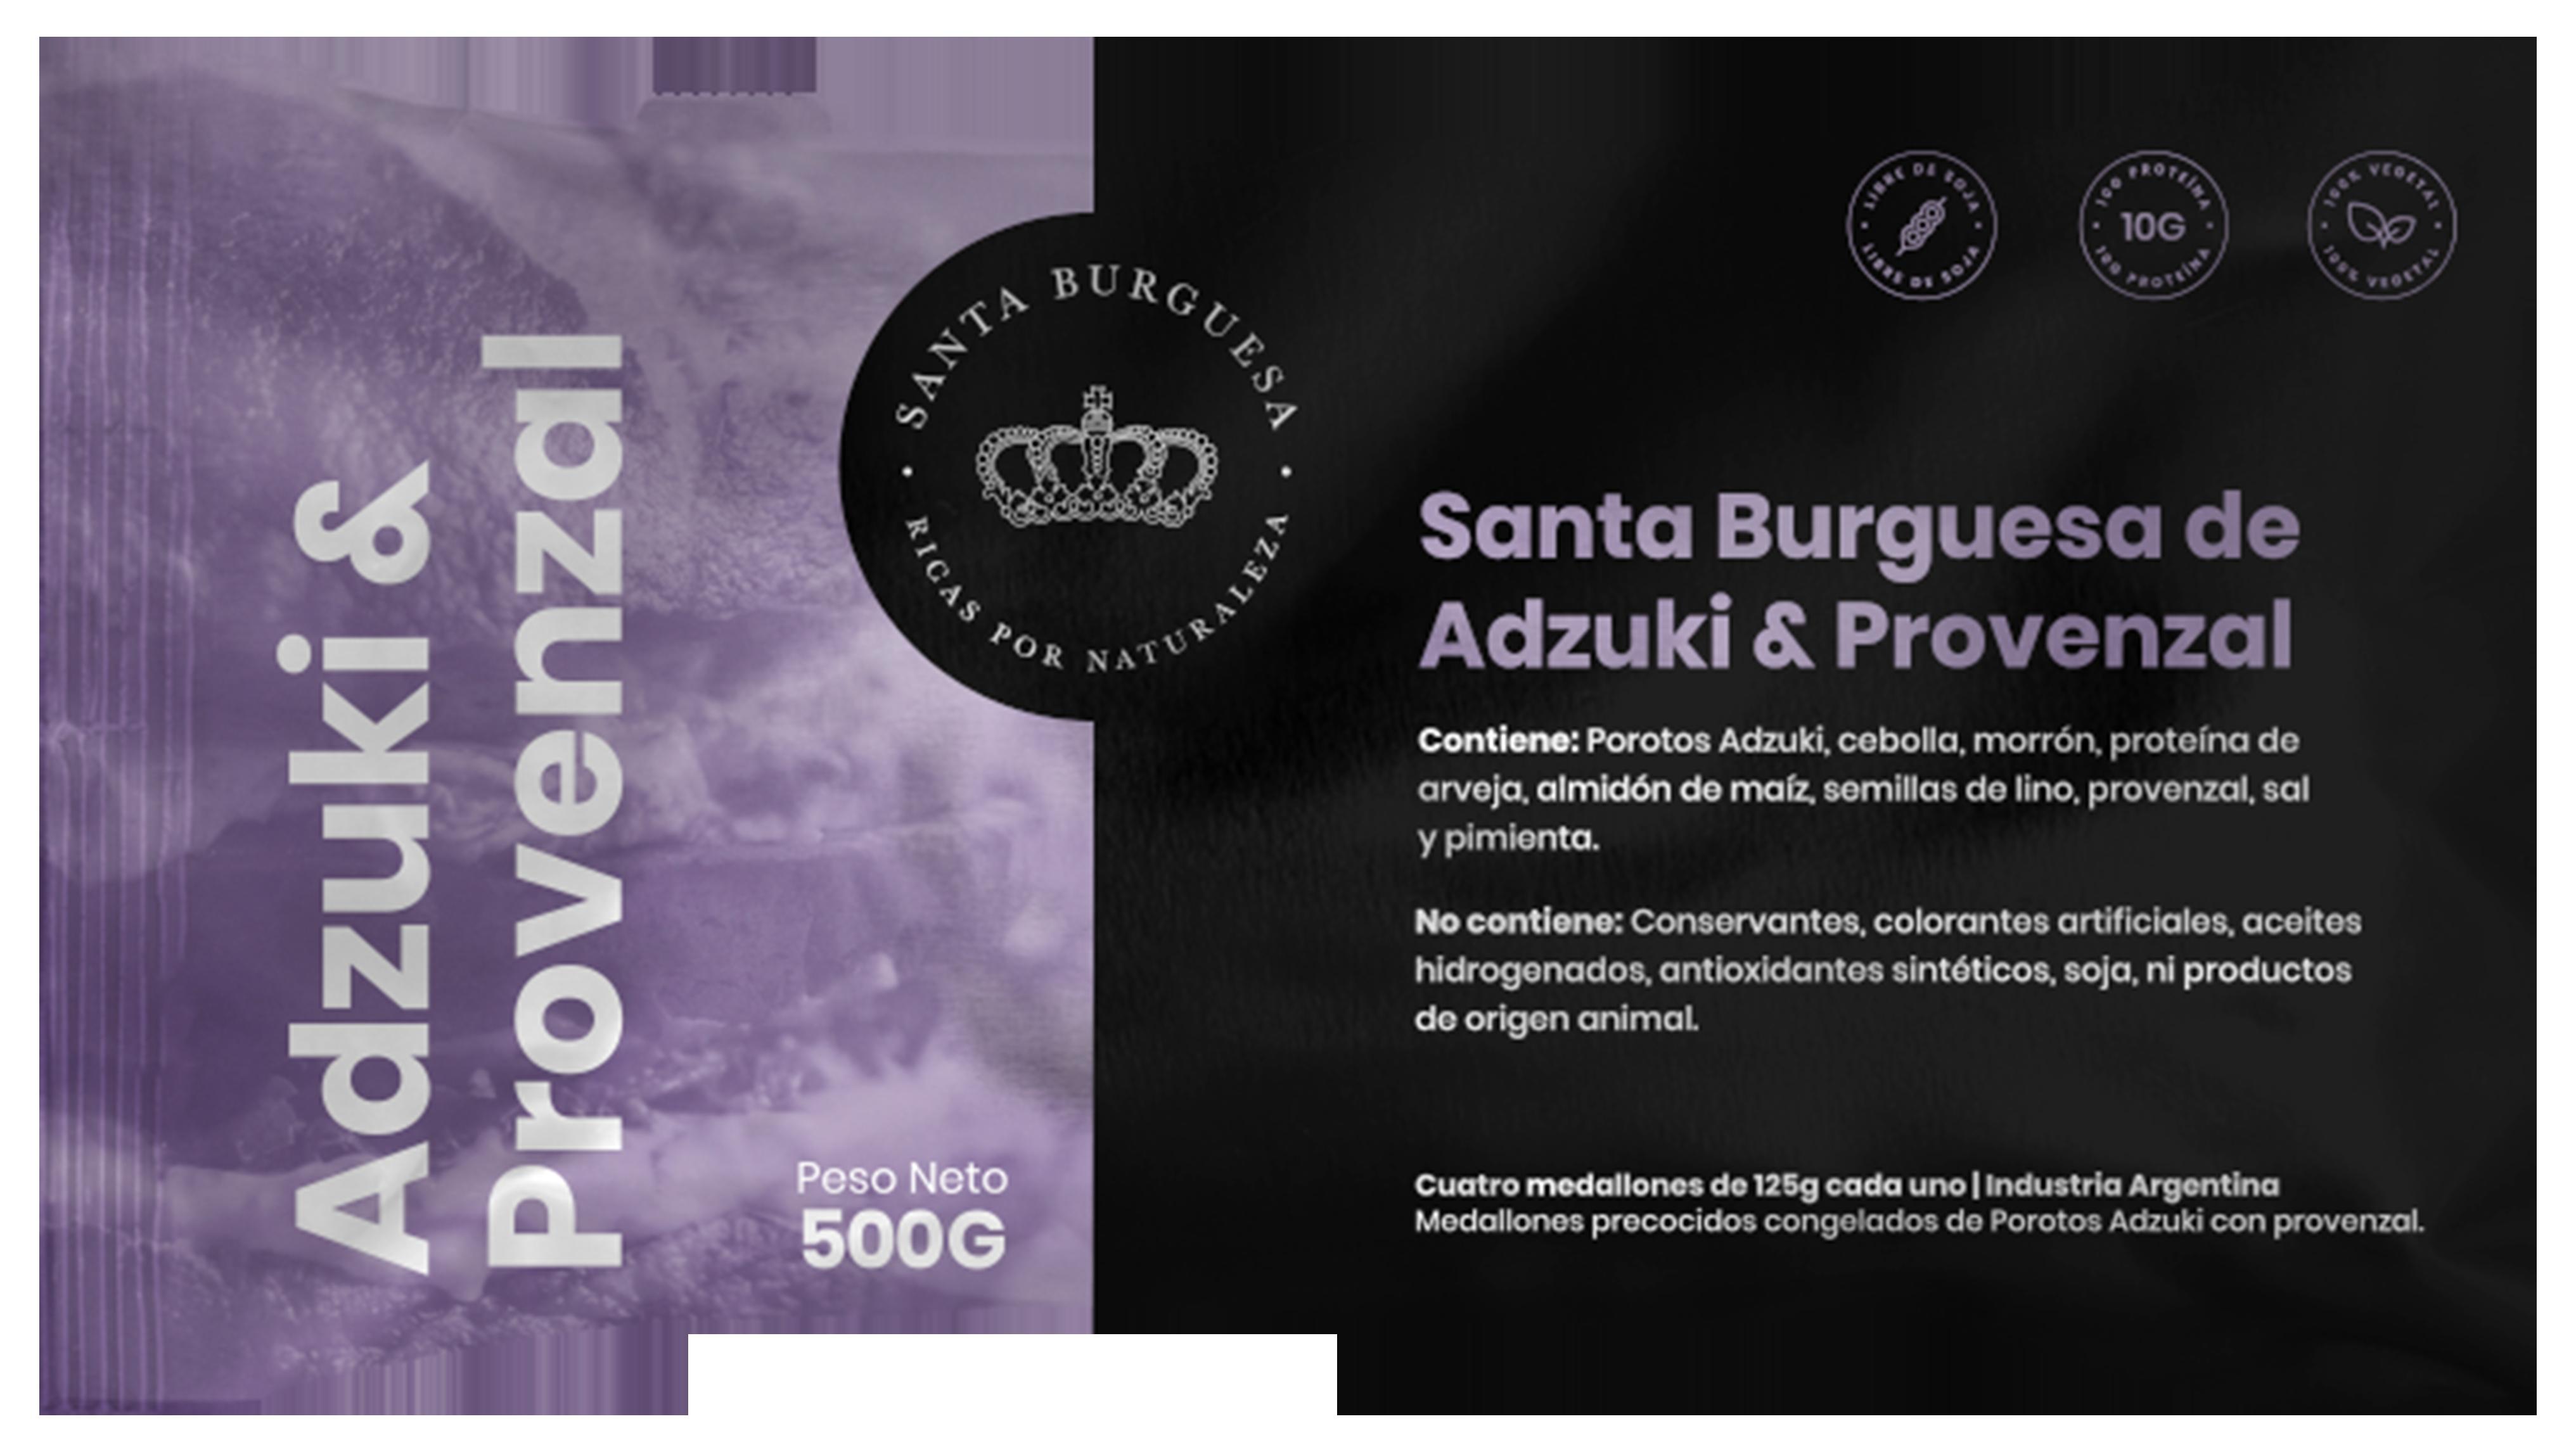 Santa Burguesa de Adzuki & Provenzal